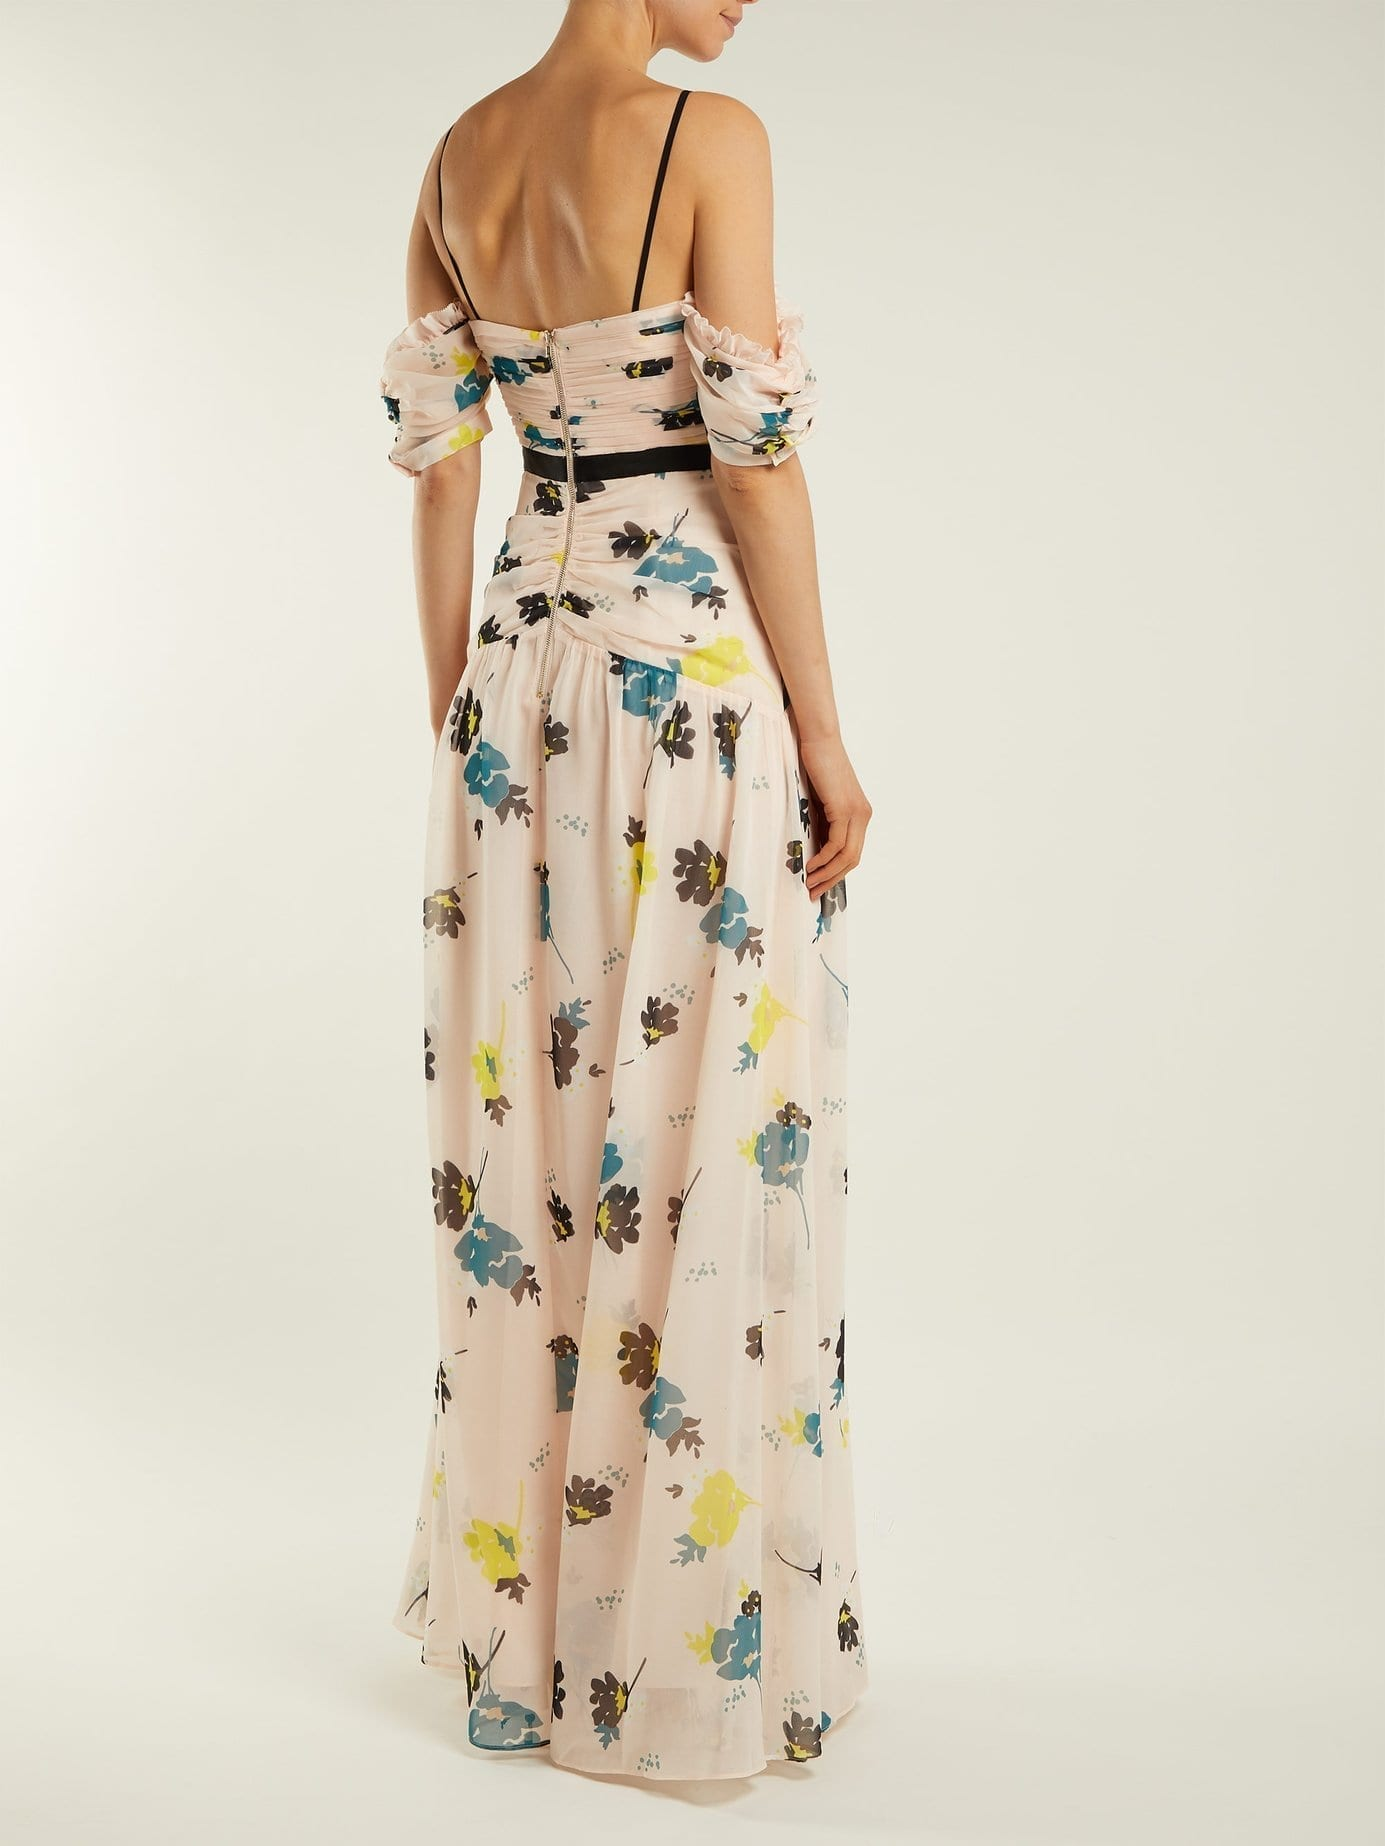 77db9d6066446 SELF-PORTRAIT Chiffon Maxi Light Pink / Floral Printed Dress - We ...